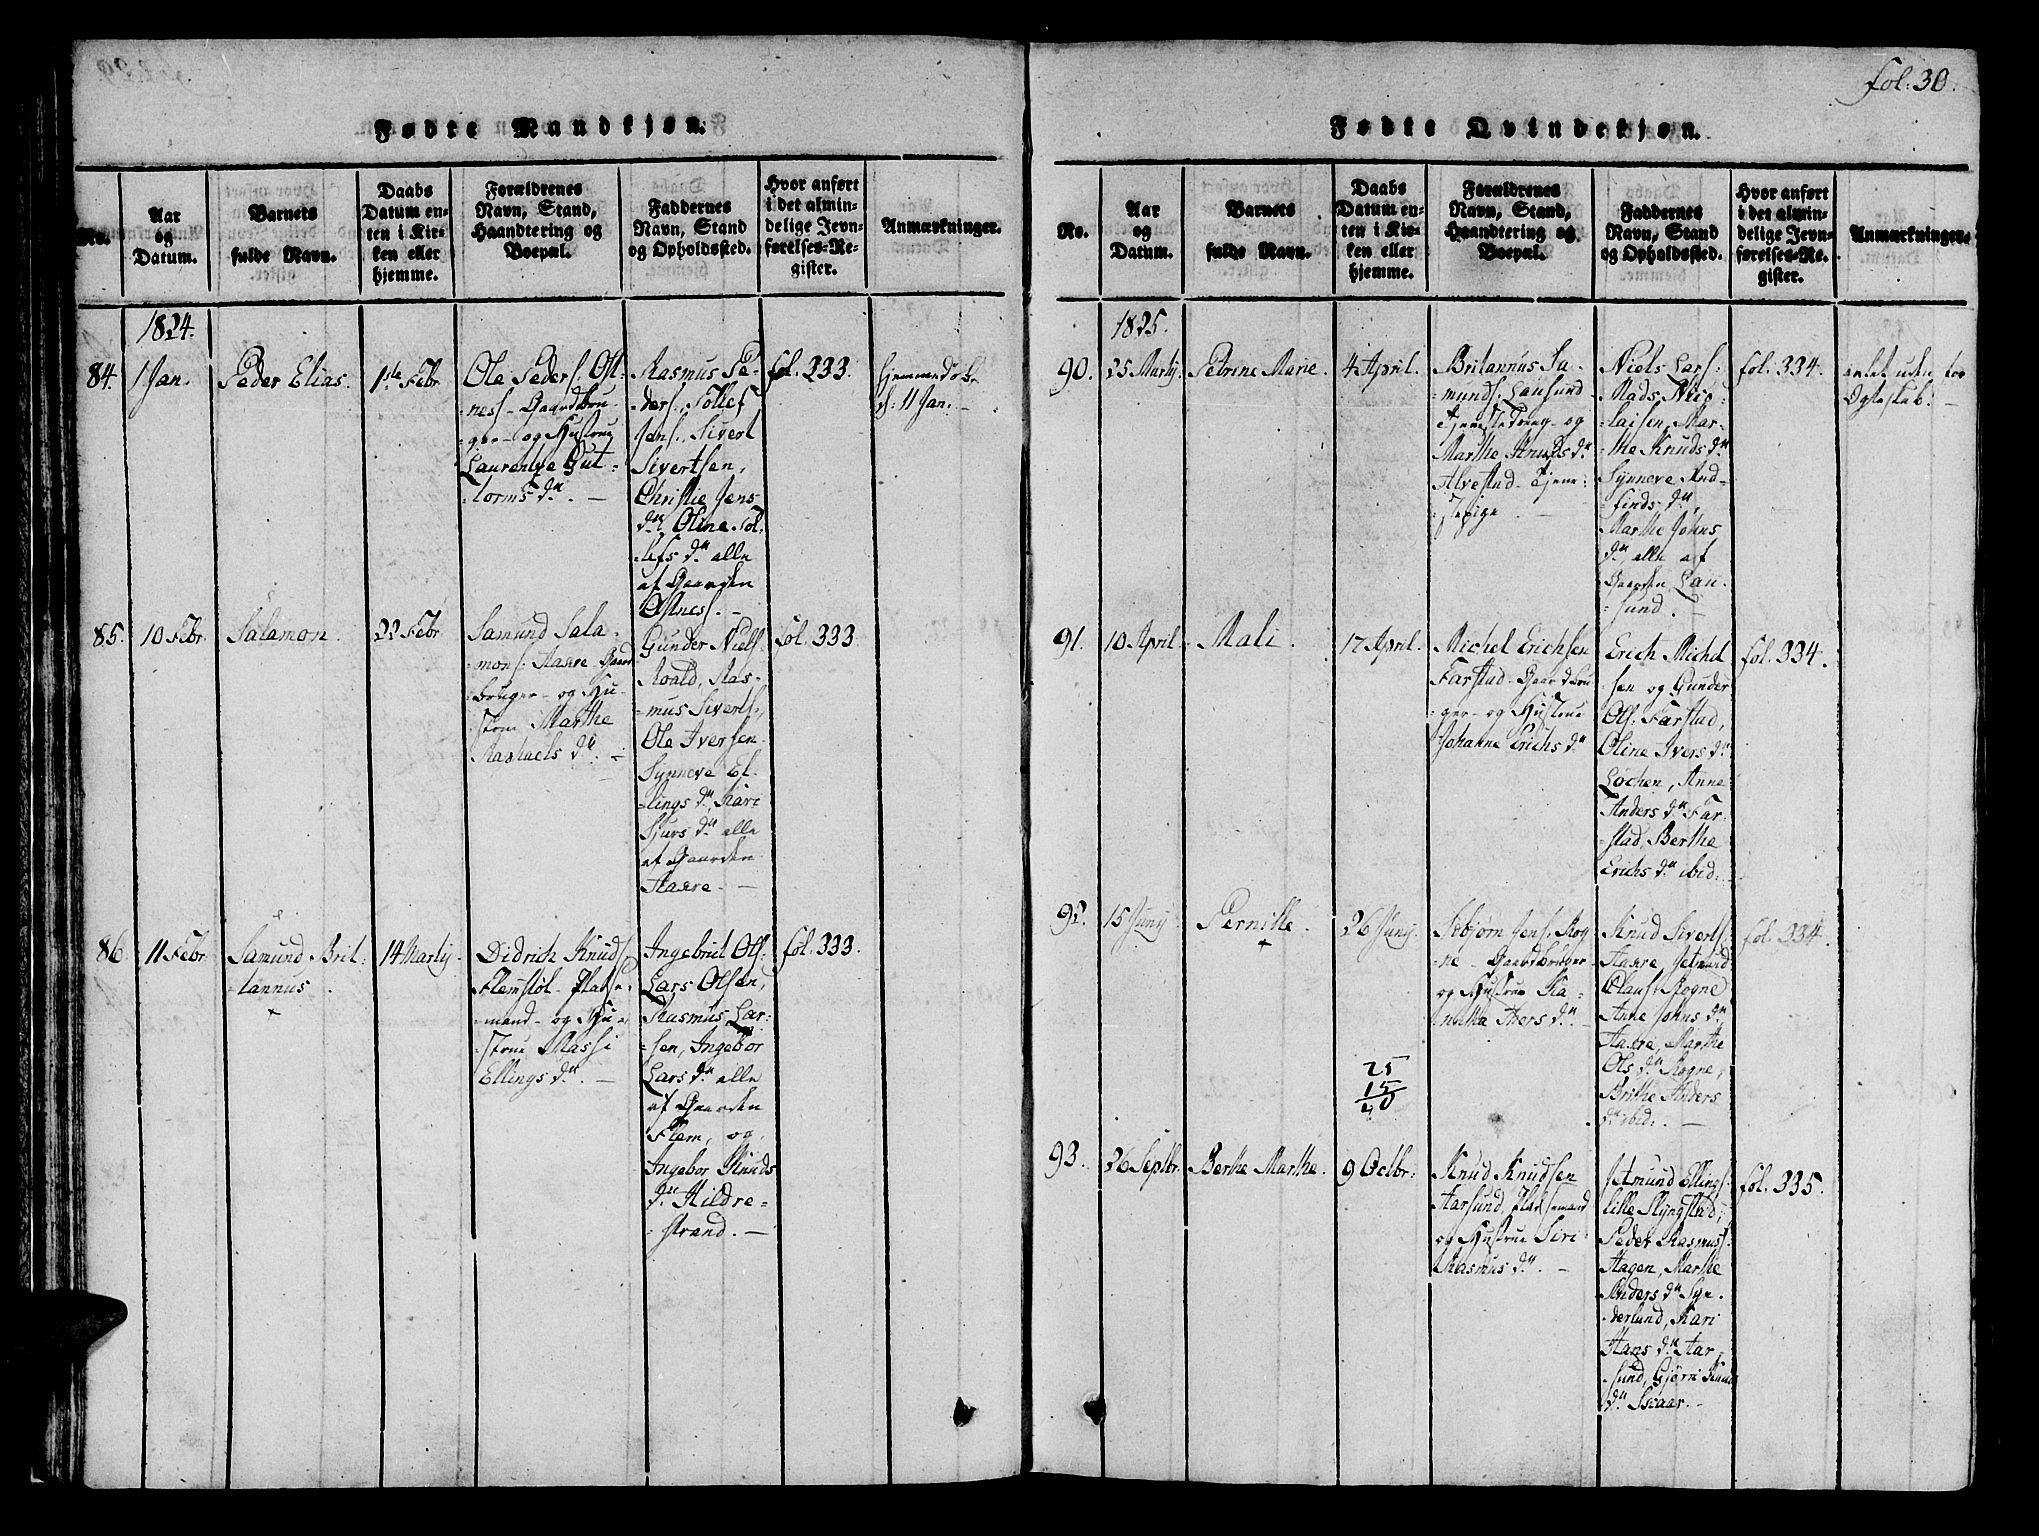 SAT, Ministerialprotokoller, klokkerbøker og fødselsregistre - Møre og Romsdal, 536/L0495: Ministerialbok nr. 536A04, 1818-1847, s. 30